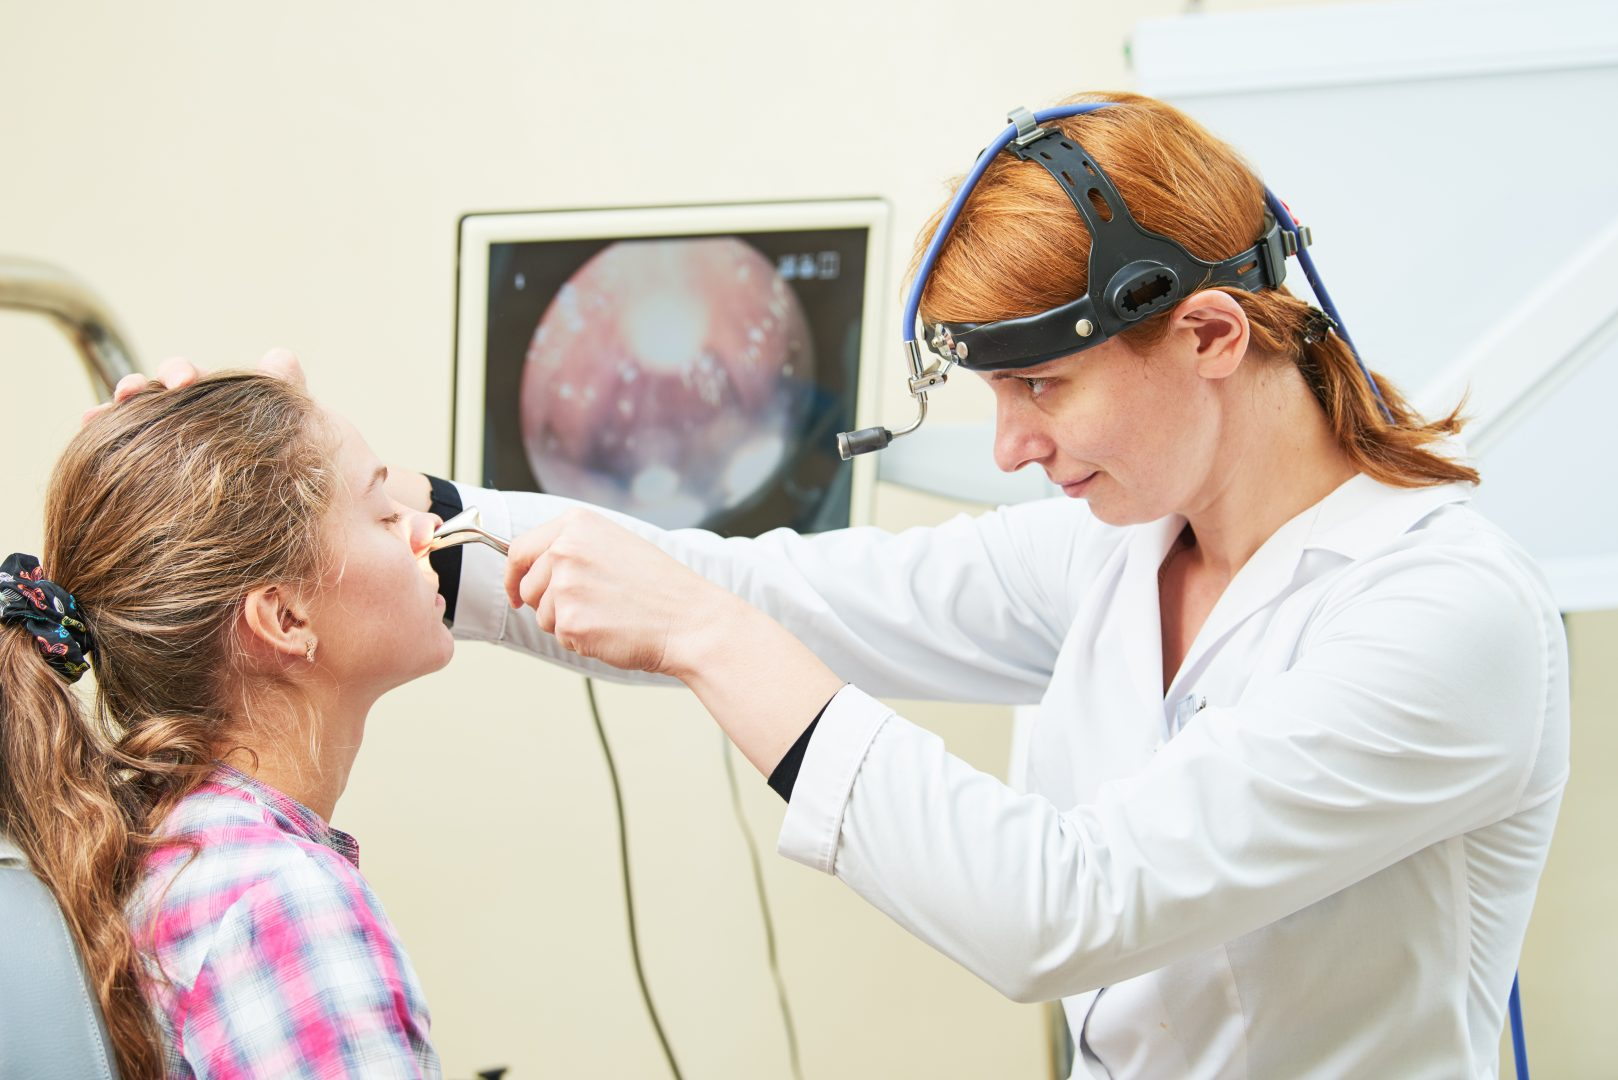 Arts onderzoekt binnenkant neus patient